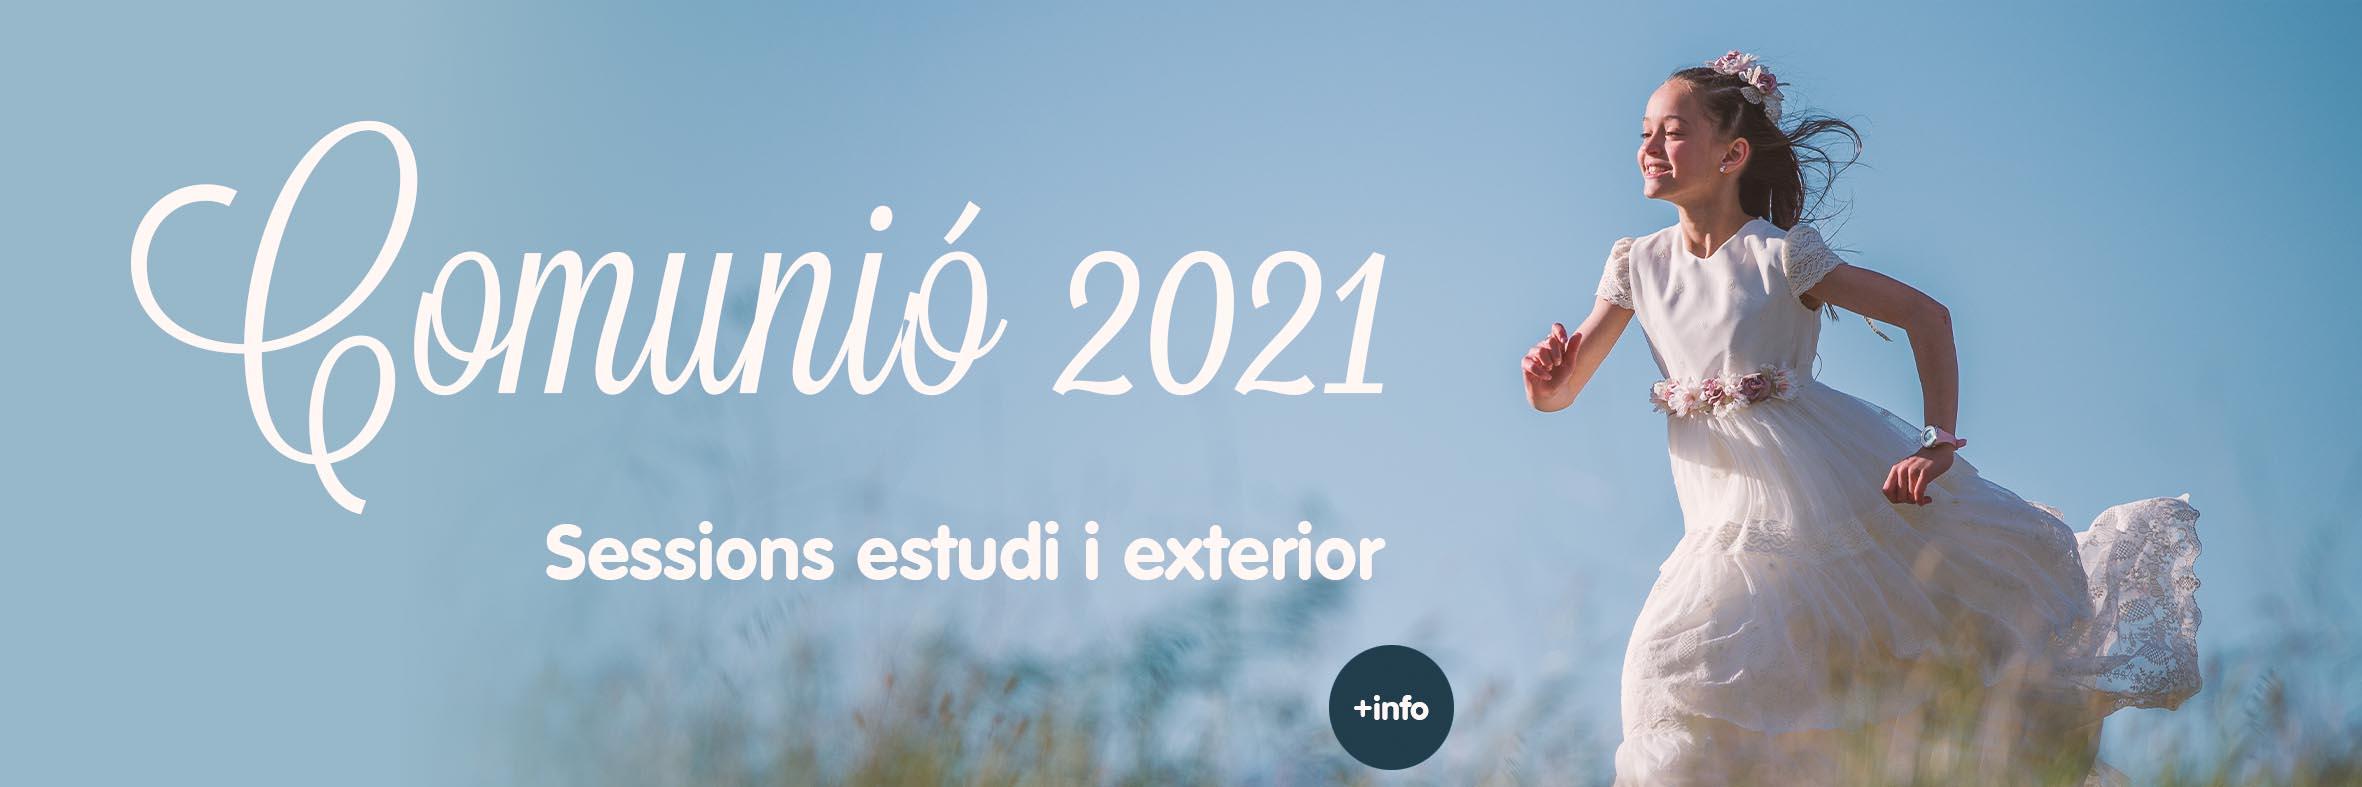 Sessions comunió 2021